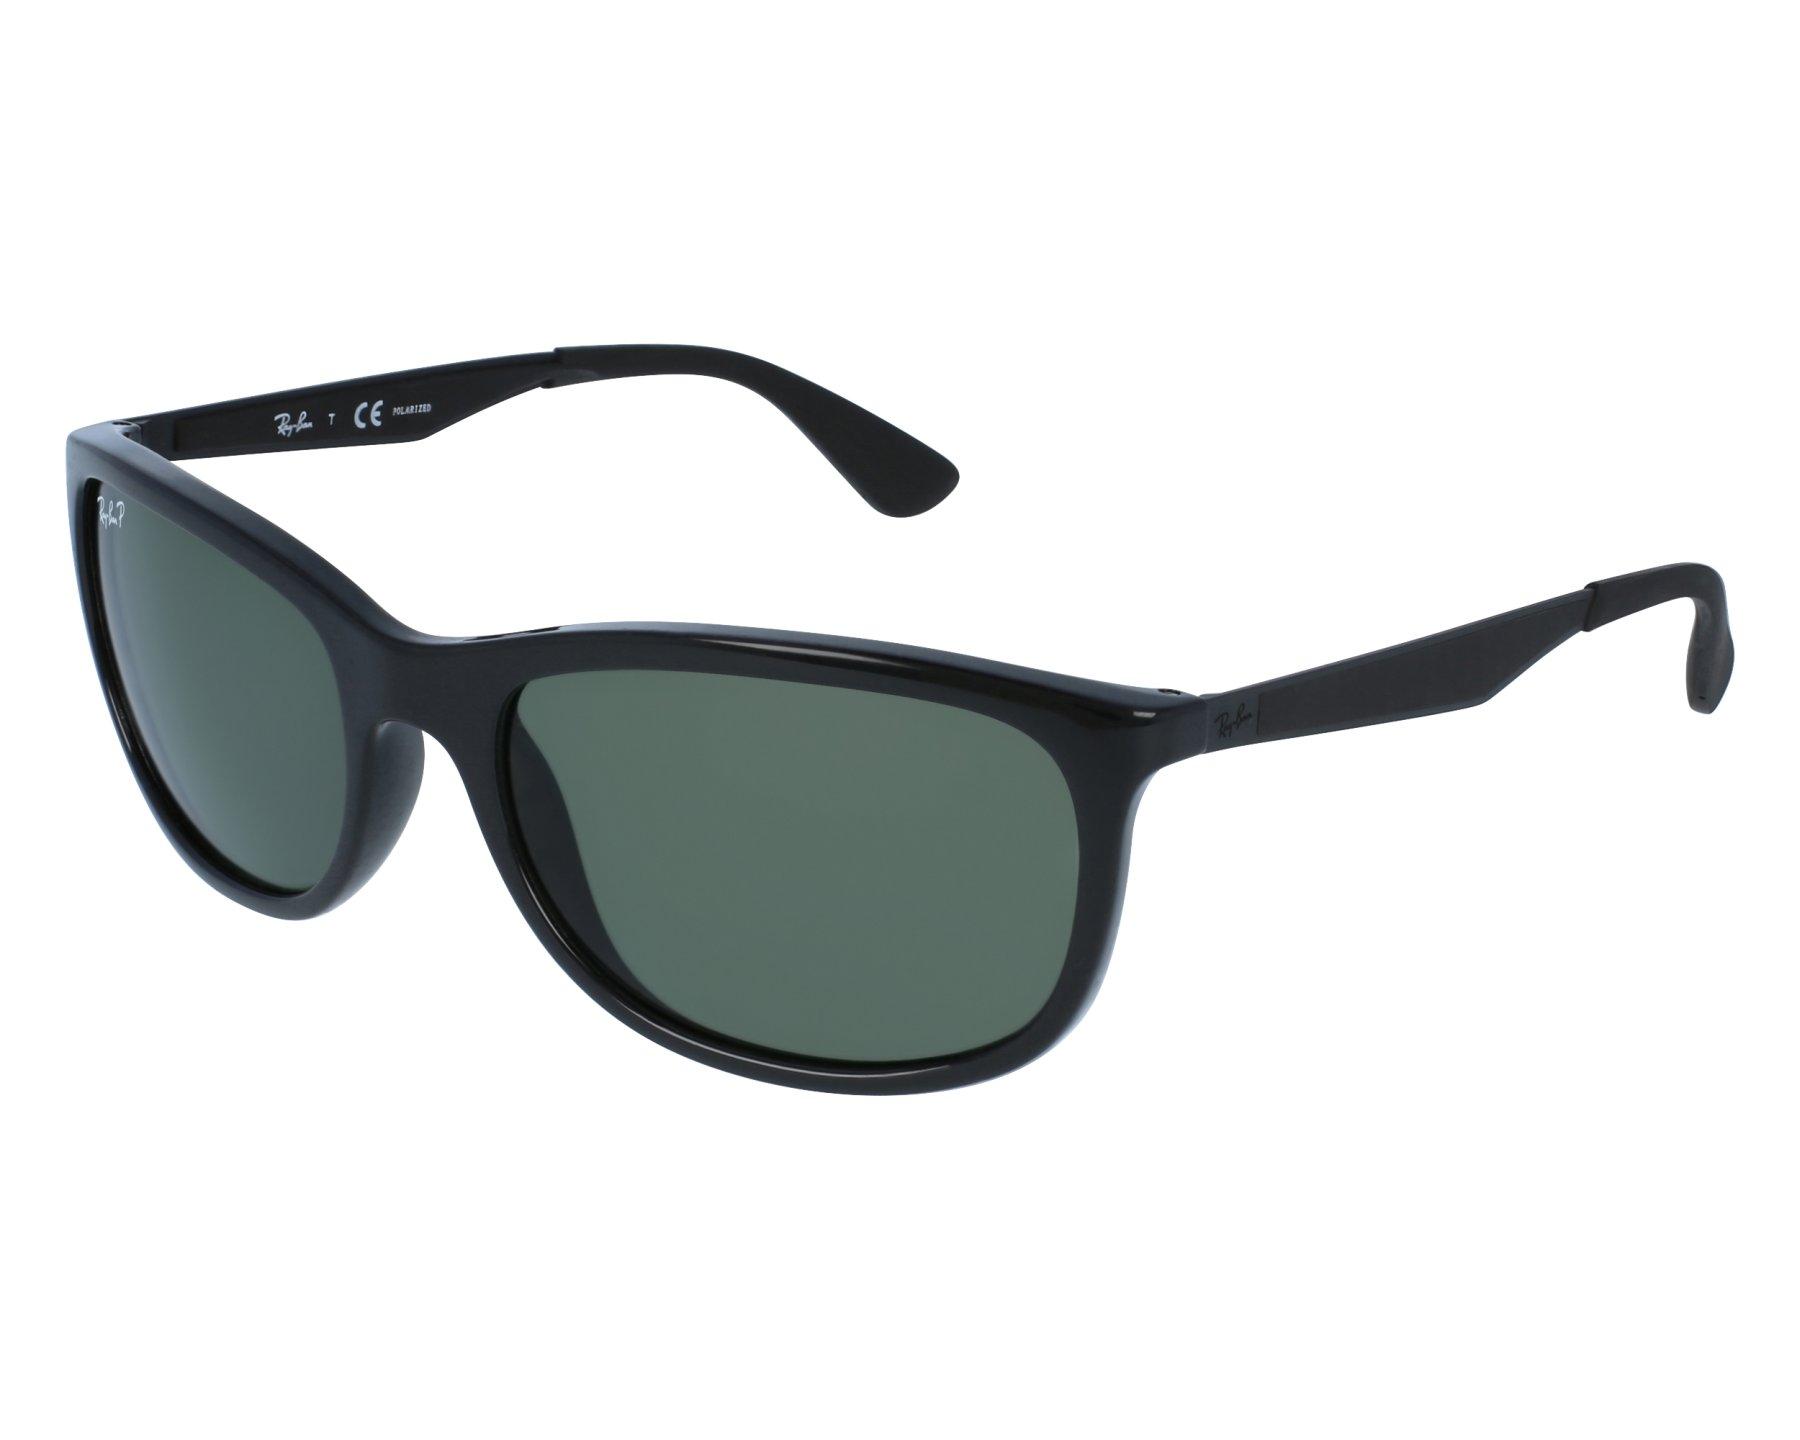 fa3e9fea857 Sunglasses Ray-Ban RB-4267 601 9A 59-19 Black Black front